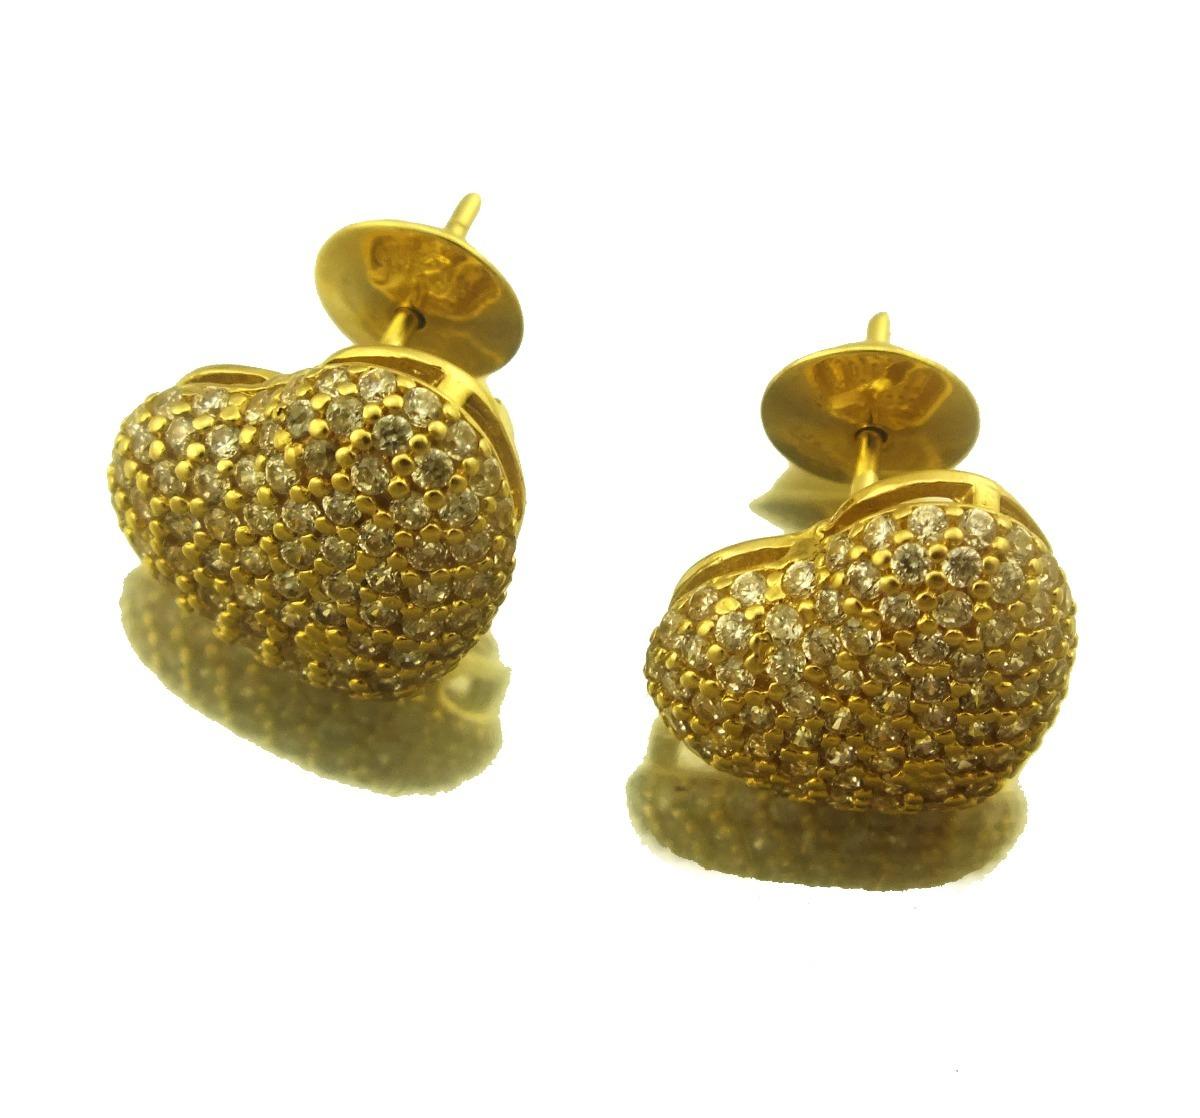 59c5bd9403c Brinco Coração Com Pedras Cravadas Em Ouro 18k J20683 - R  1.499